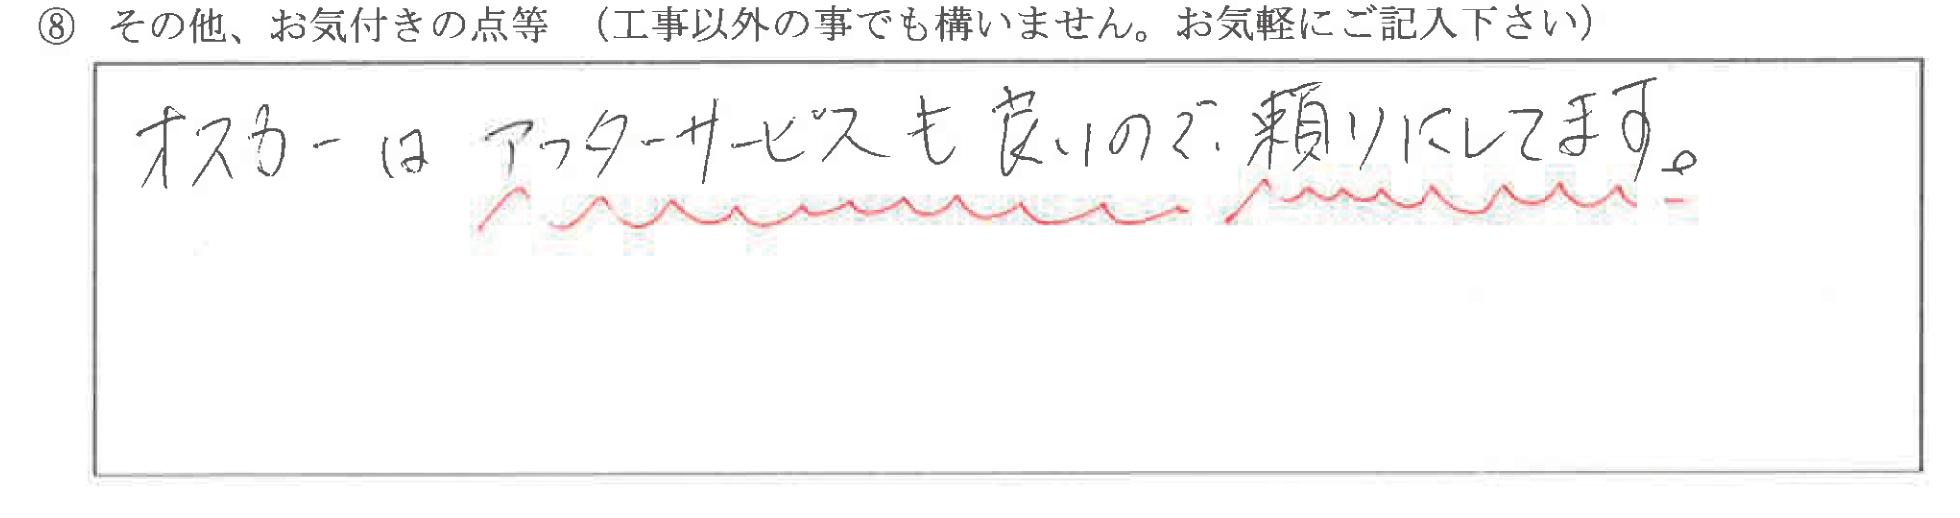 富山県富山市T様に頂いた住宅改装工事についてのお気づきの点がありましたら、お聞かせ下さい。というご質問について「浴室改装 工事【お喜びの声】」というお声についての画像